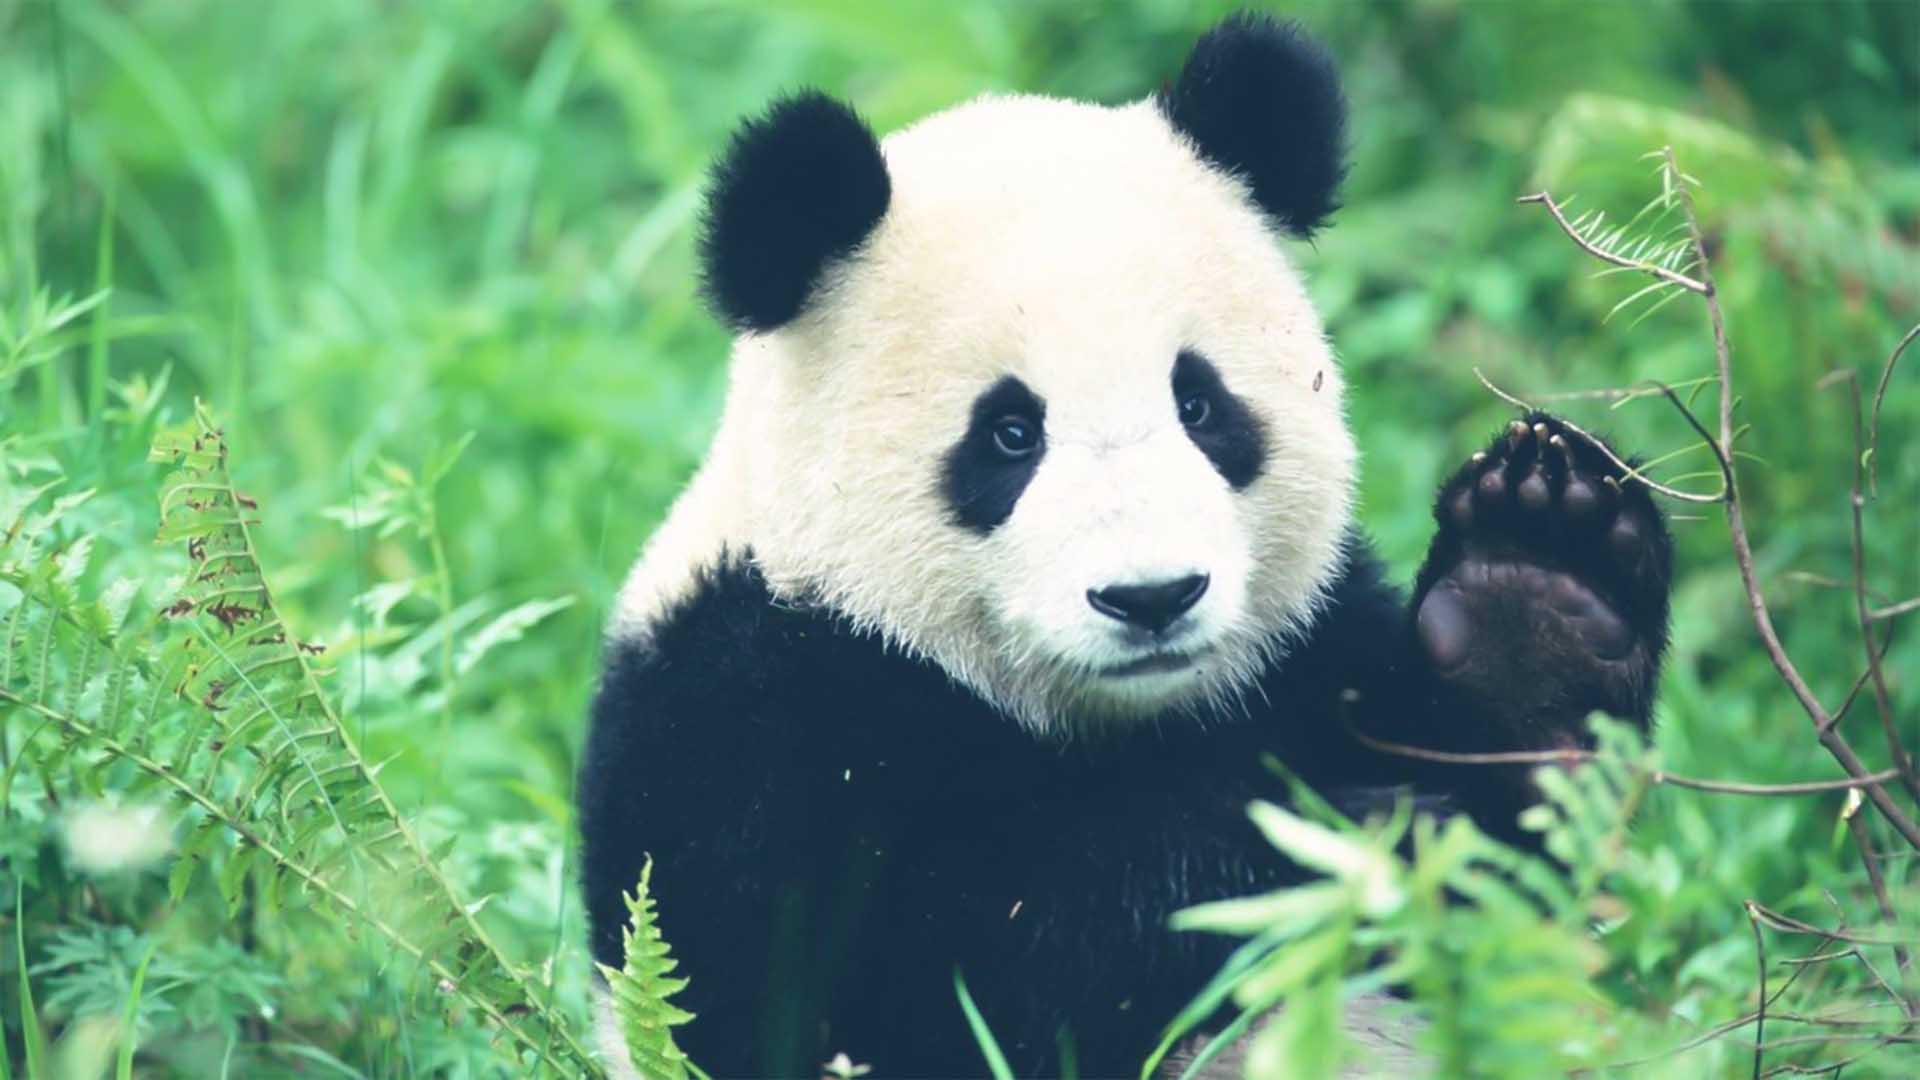 Il Panda, divenuto simbolo del WWF, è a rischio da molti anni